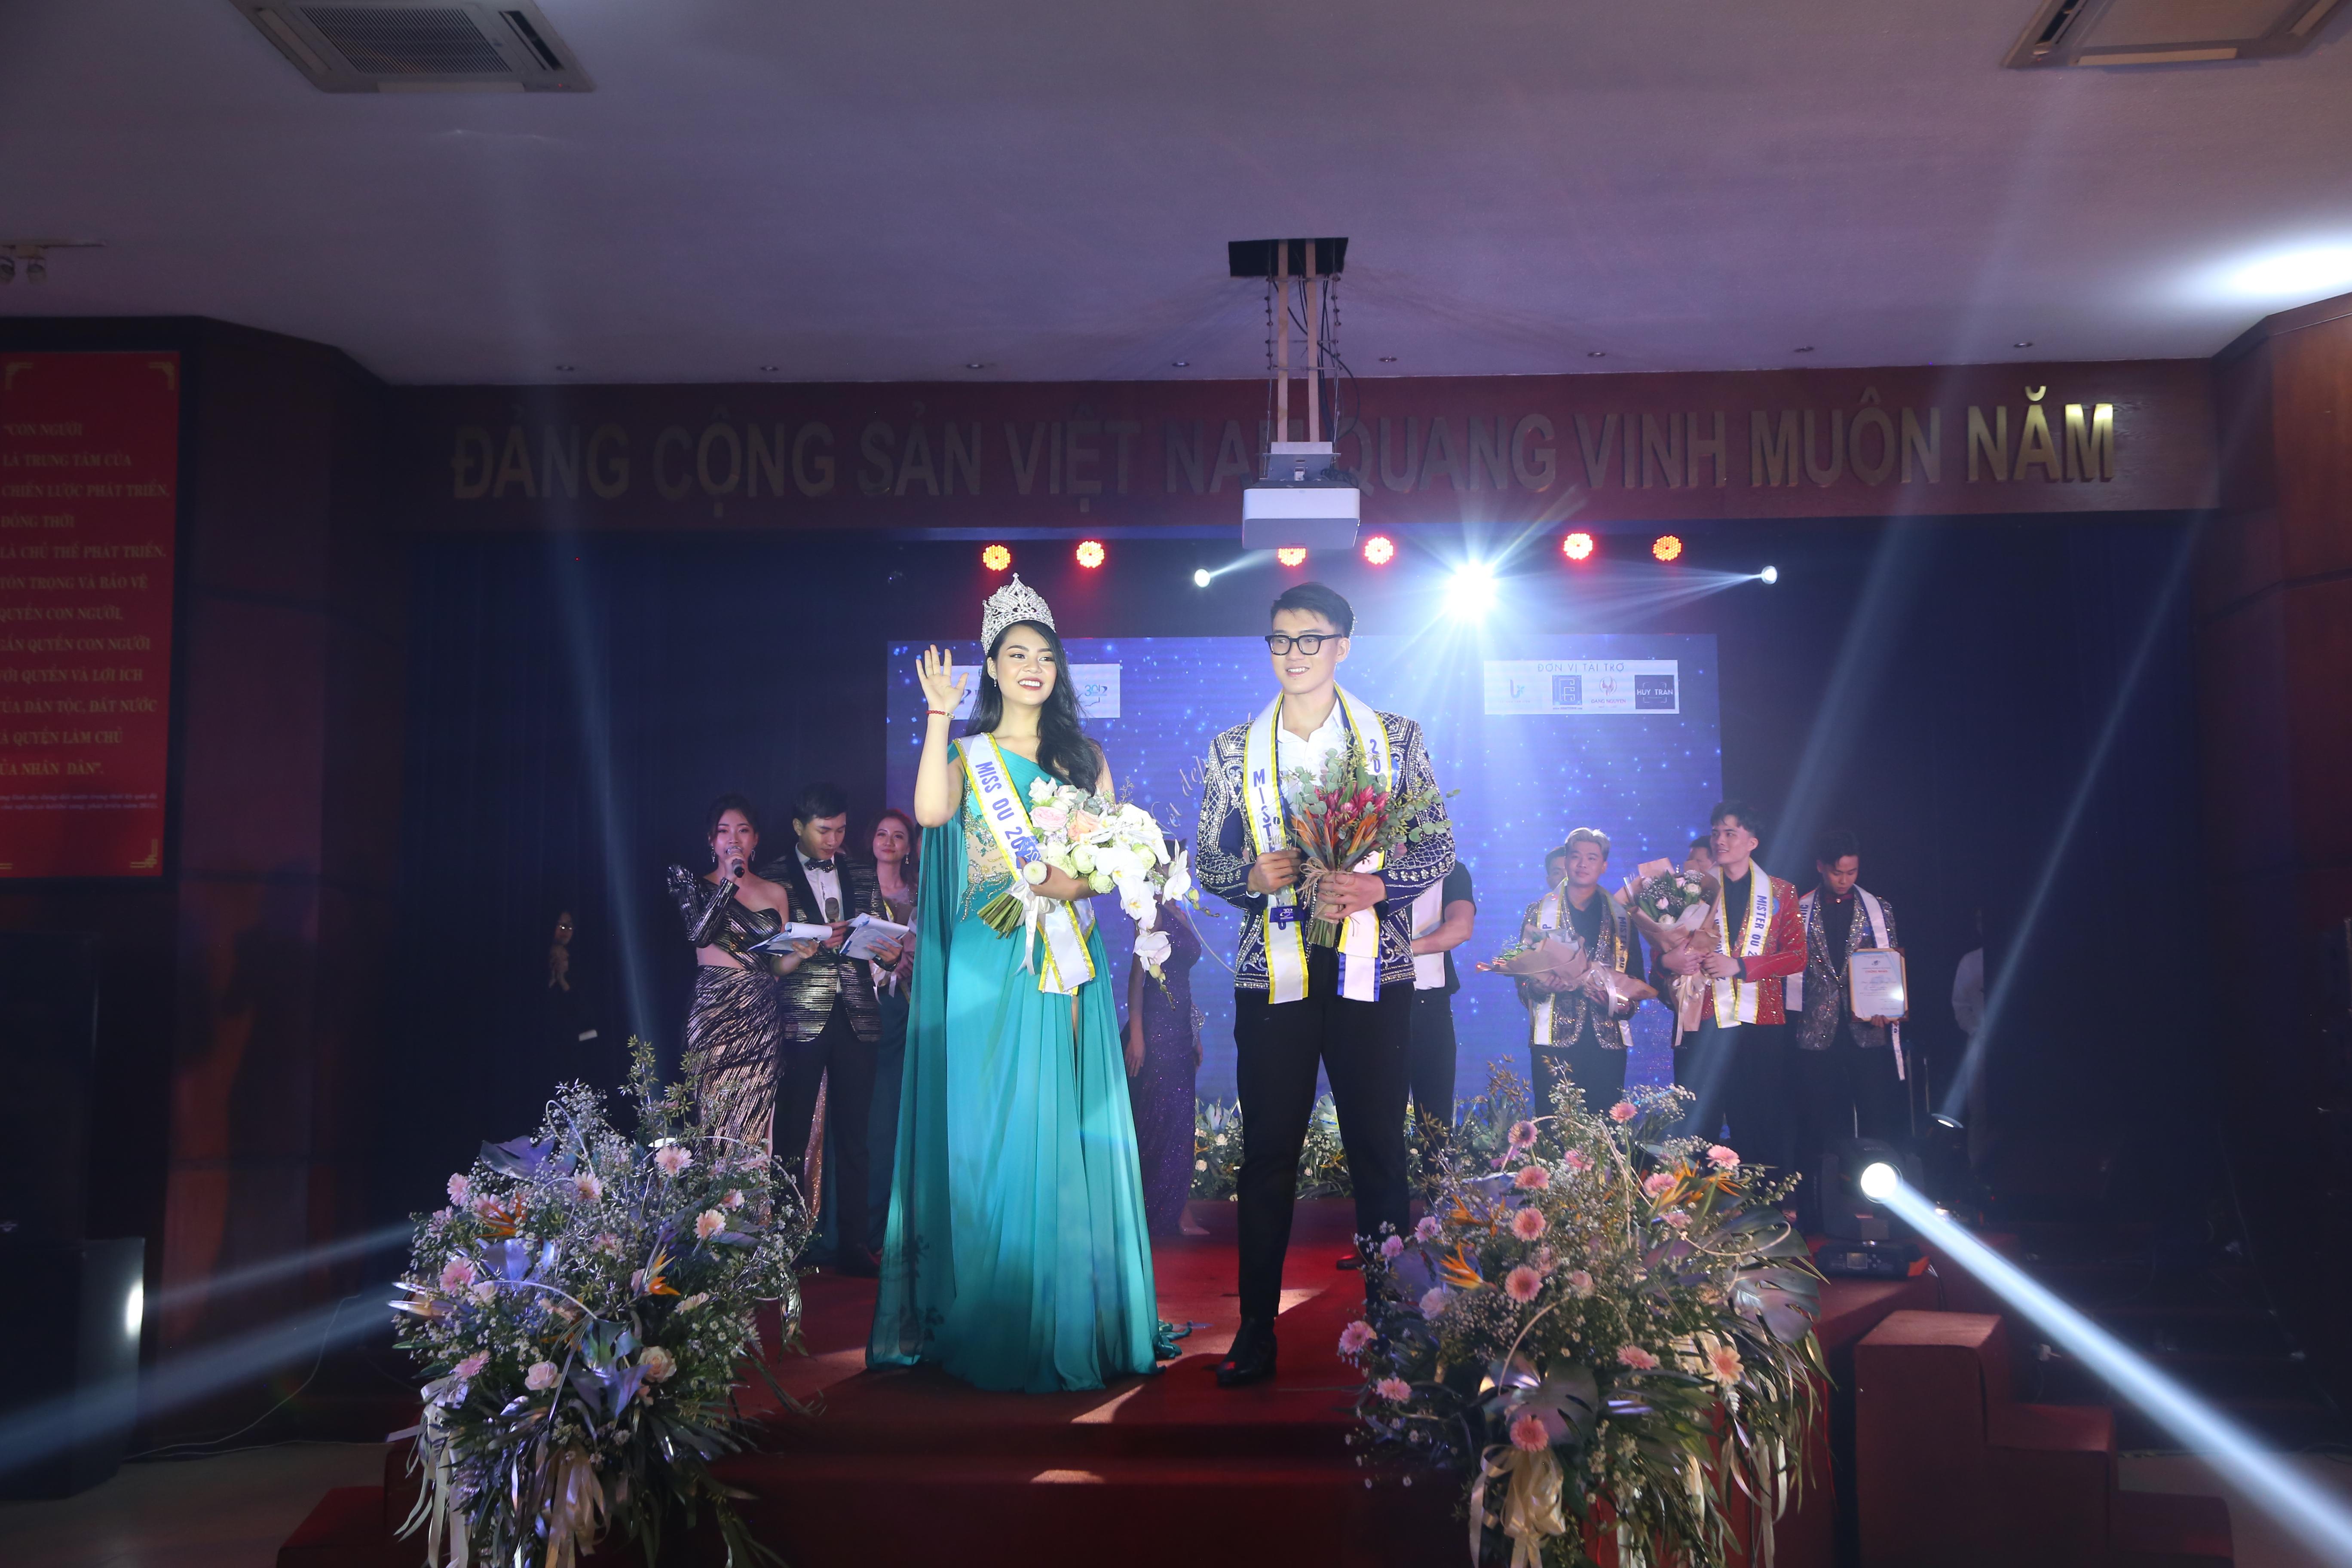 Hoa Khôi Đỗ Thị Thuỳ Duyên và Nam Vương Huỳnh Quốc Khanh